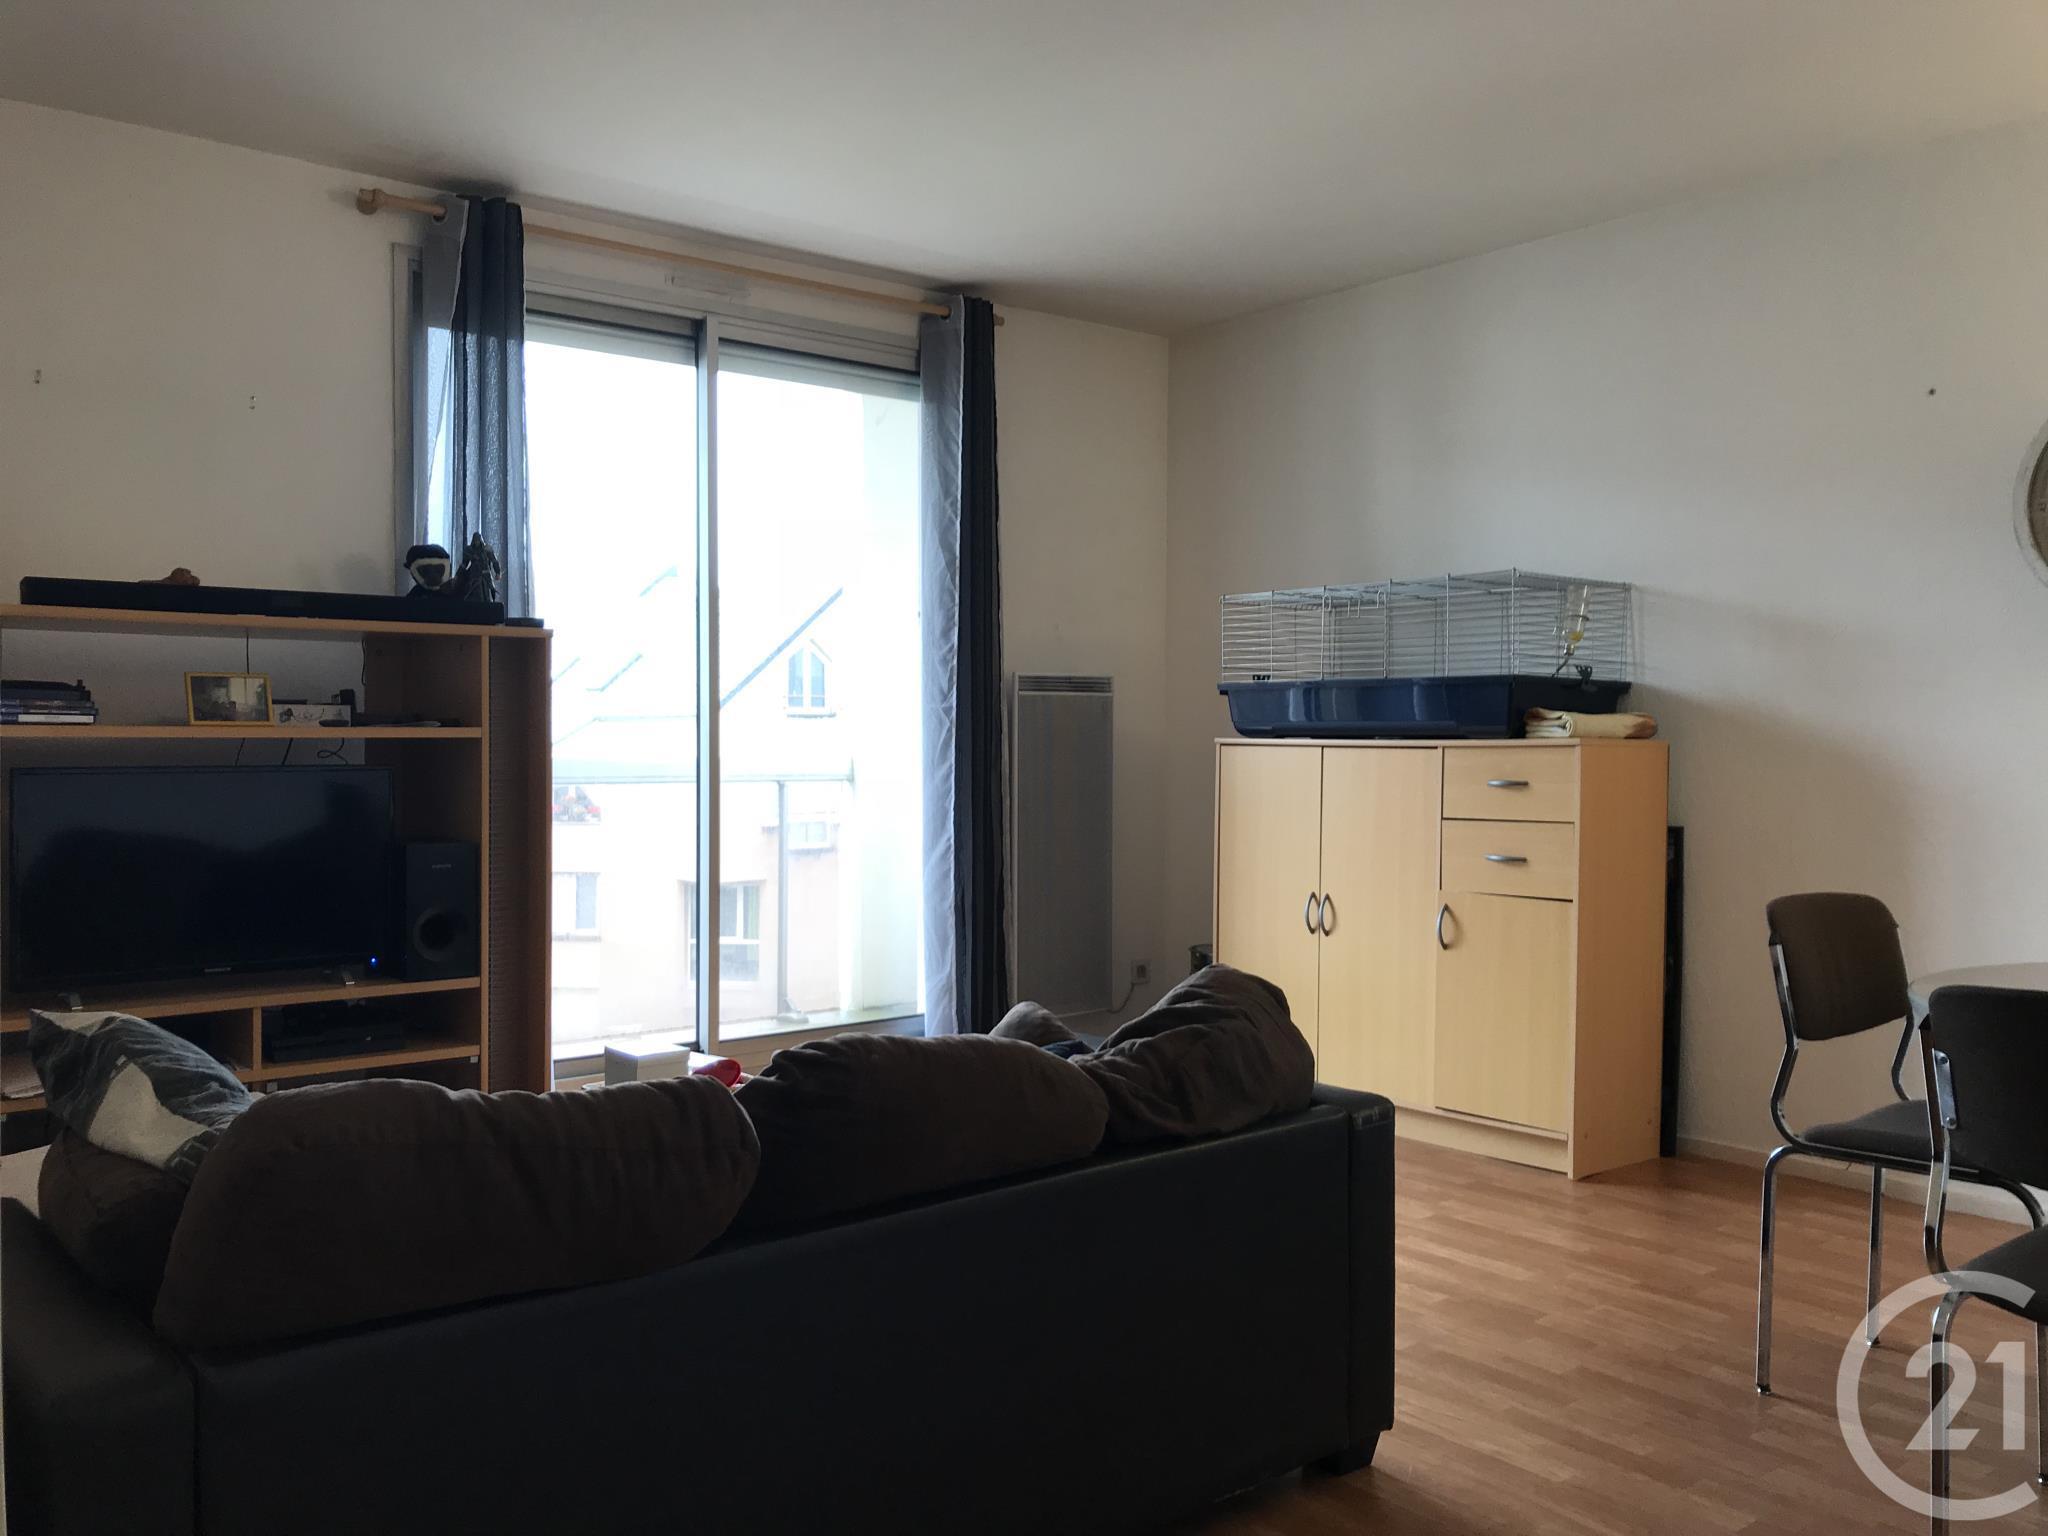 Salle De Bain Beige Marron ~ Appartement F2 2 Pi Ces Vendre Gueret 23000 Ref 993